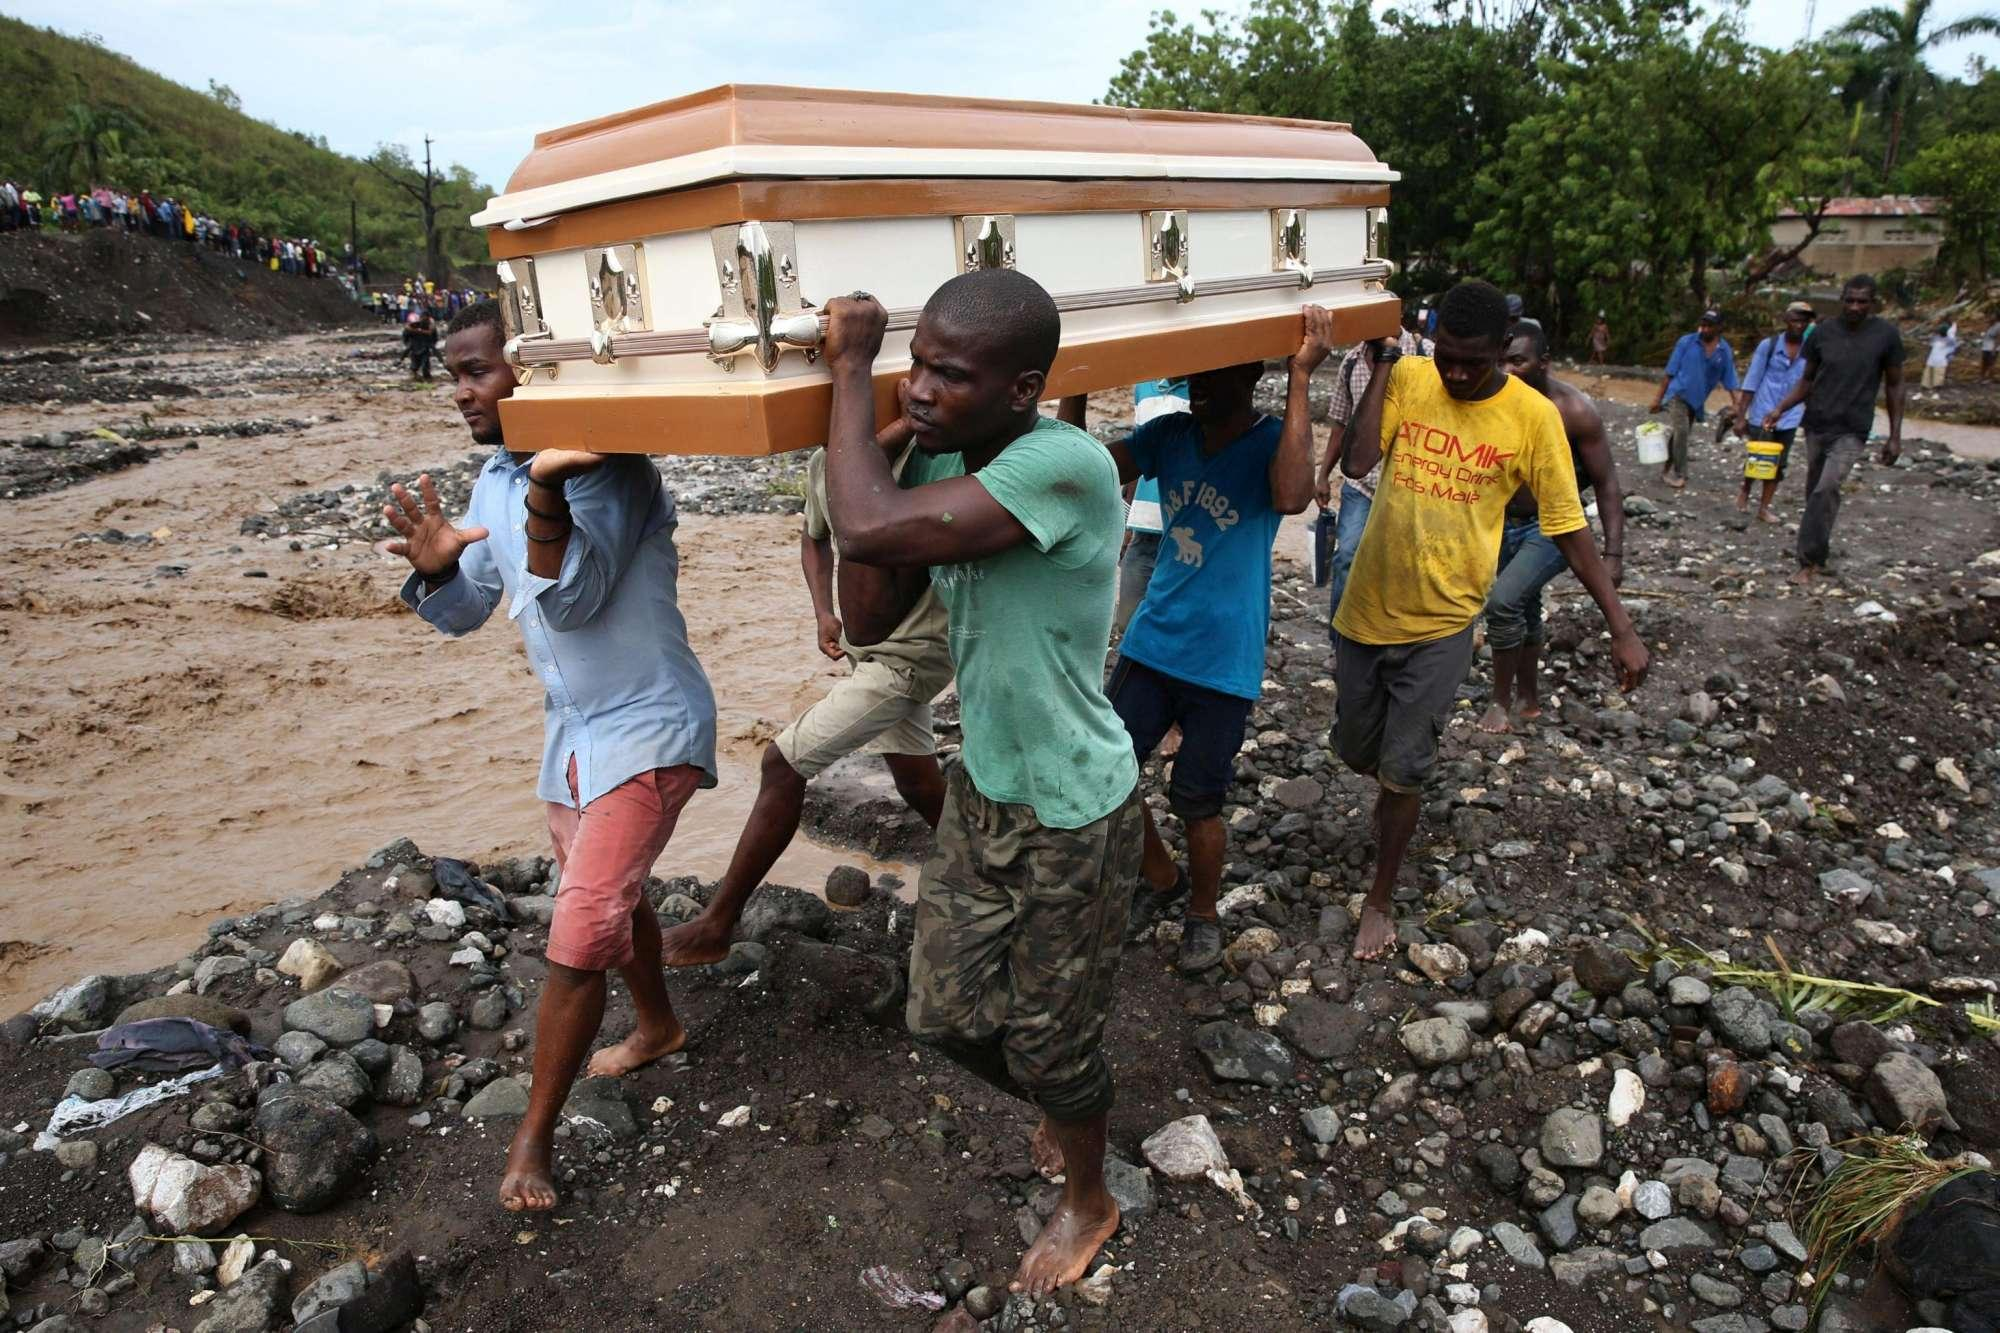 Haiti la morte arriva dal cielo, tornado e uragano C_2_fotogallery_3005551_1_image